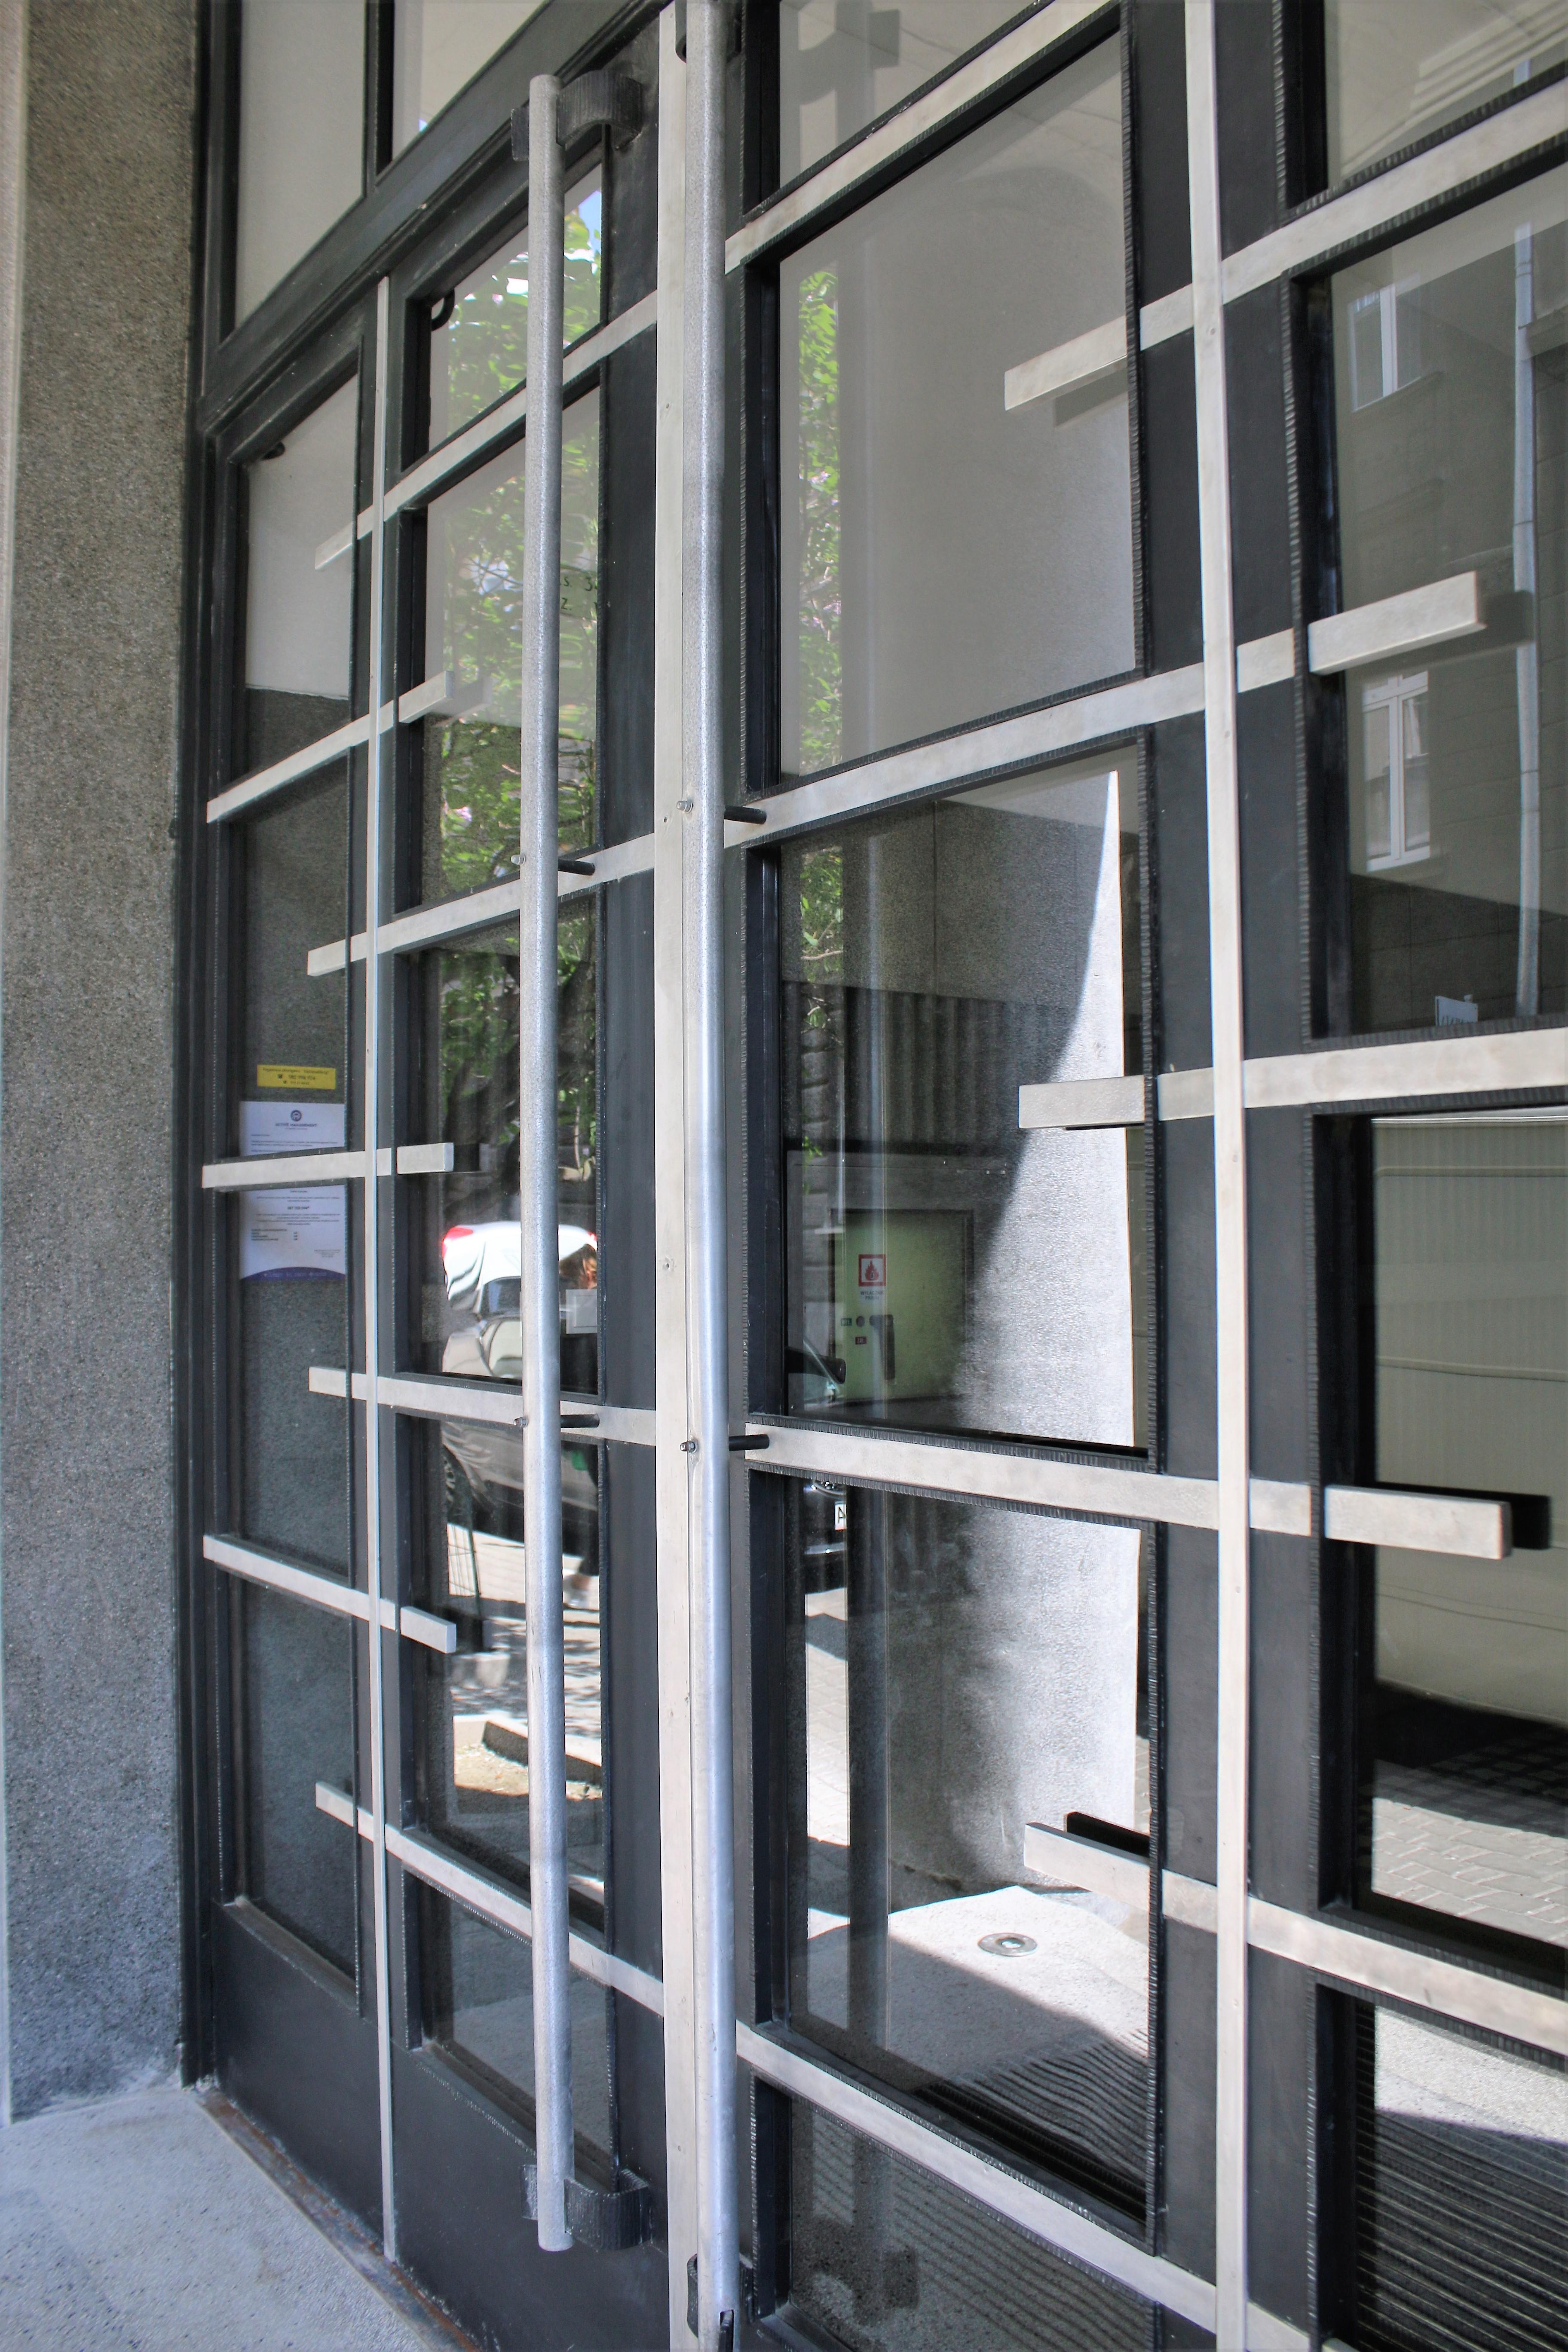 10-krakow-kamiencia-przy-krzywej-12-brama-wejsciowa-po-renowacji-w-2016-r